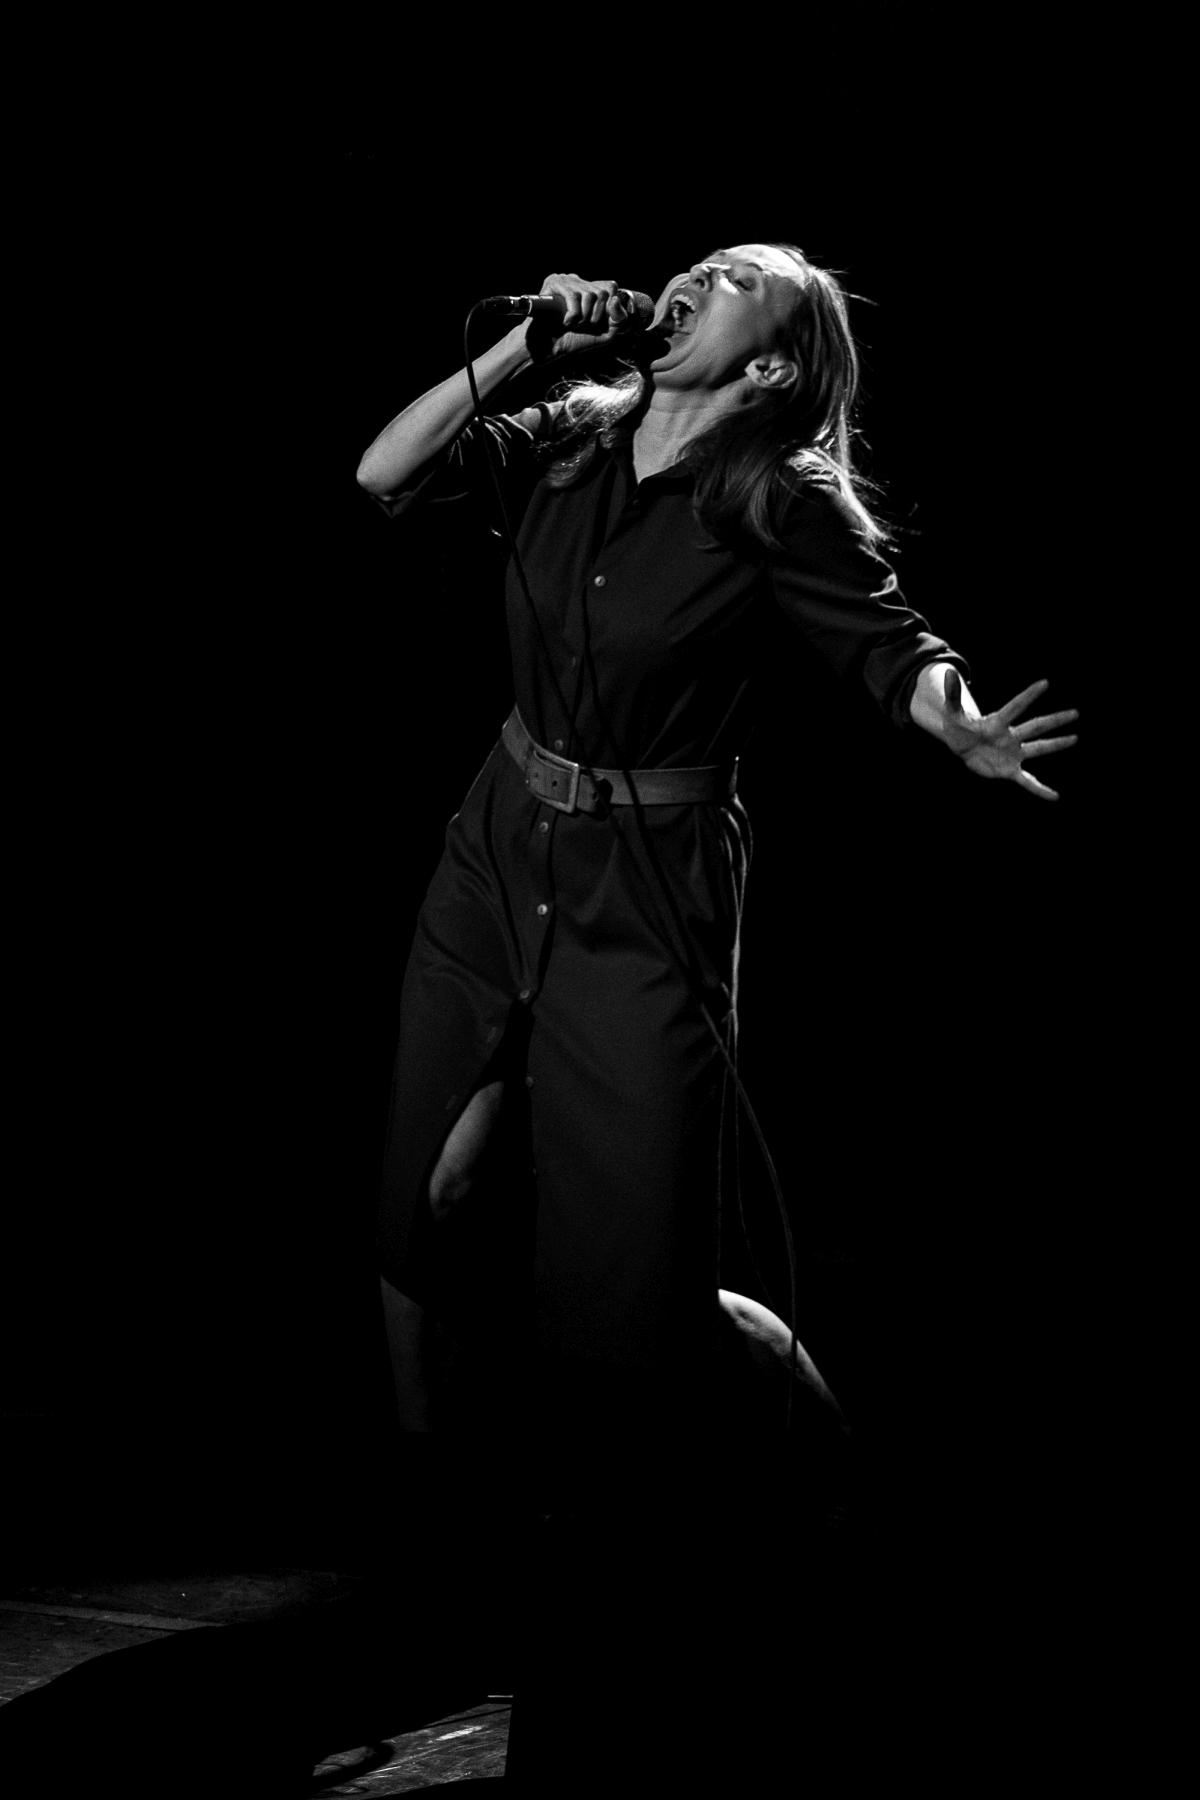 Śpiewająca Justyna Szafran. W jednej ręce trzyma mikrofon, drugą gestykuluje. Zamknięte oczy, wyrazista ekspresja twarzy, dynamiczna poza. Zdjęcie monochromatyczne.